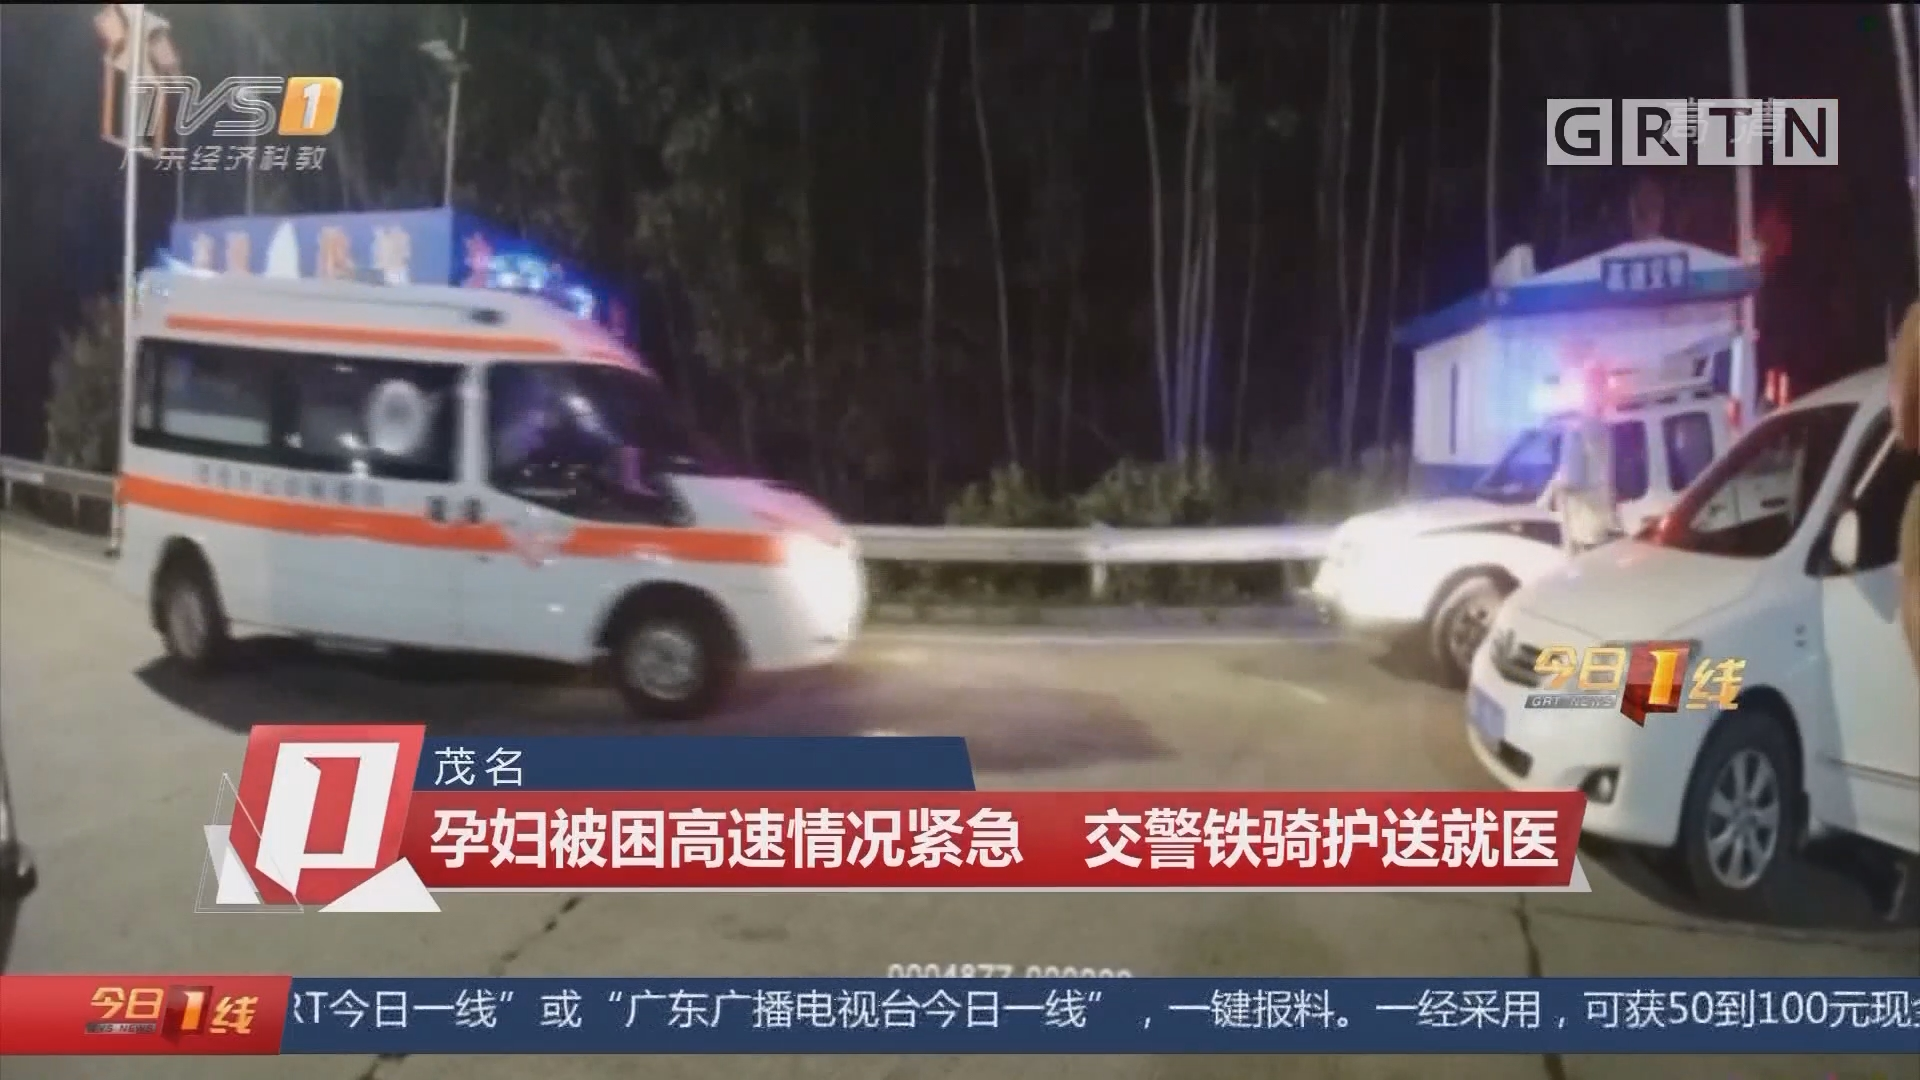 茂名:孕妇被困高速情况紧急 交警铁骑护送就医